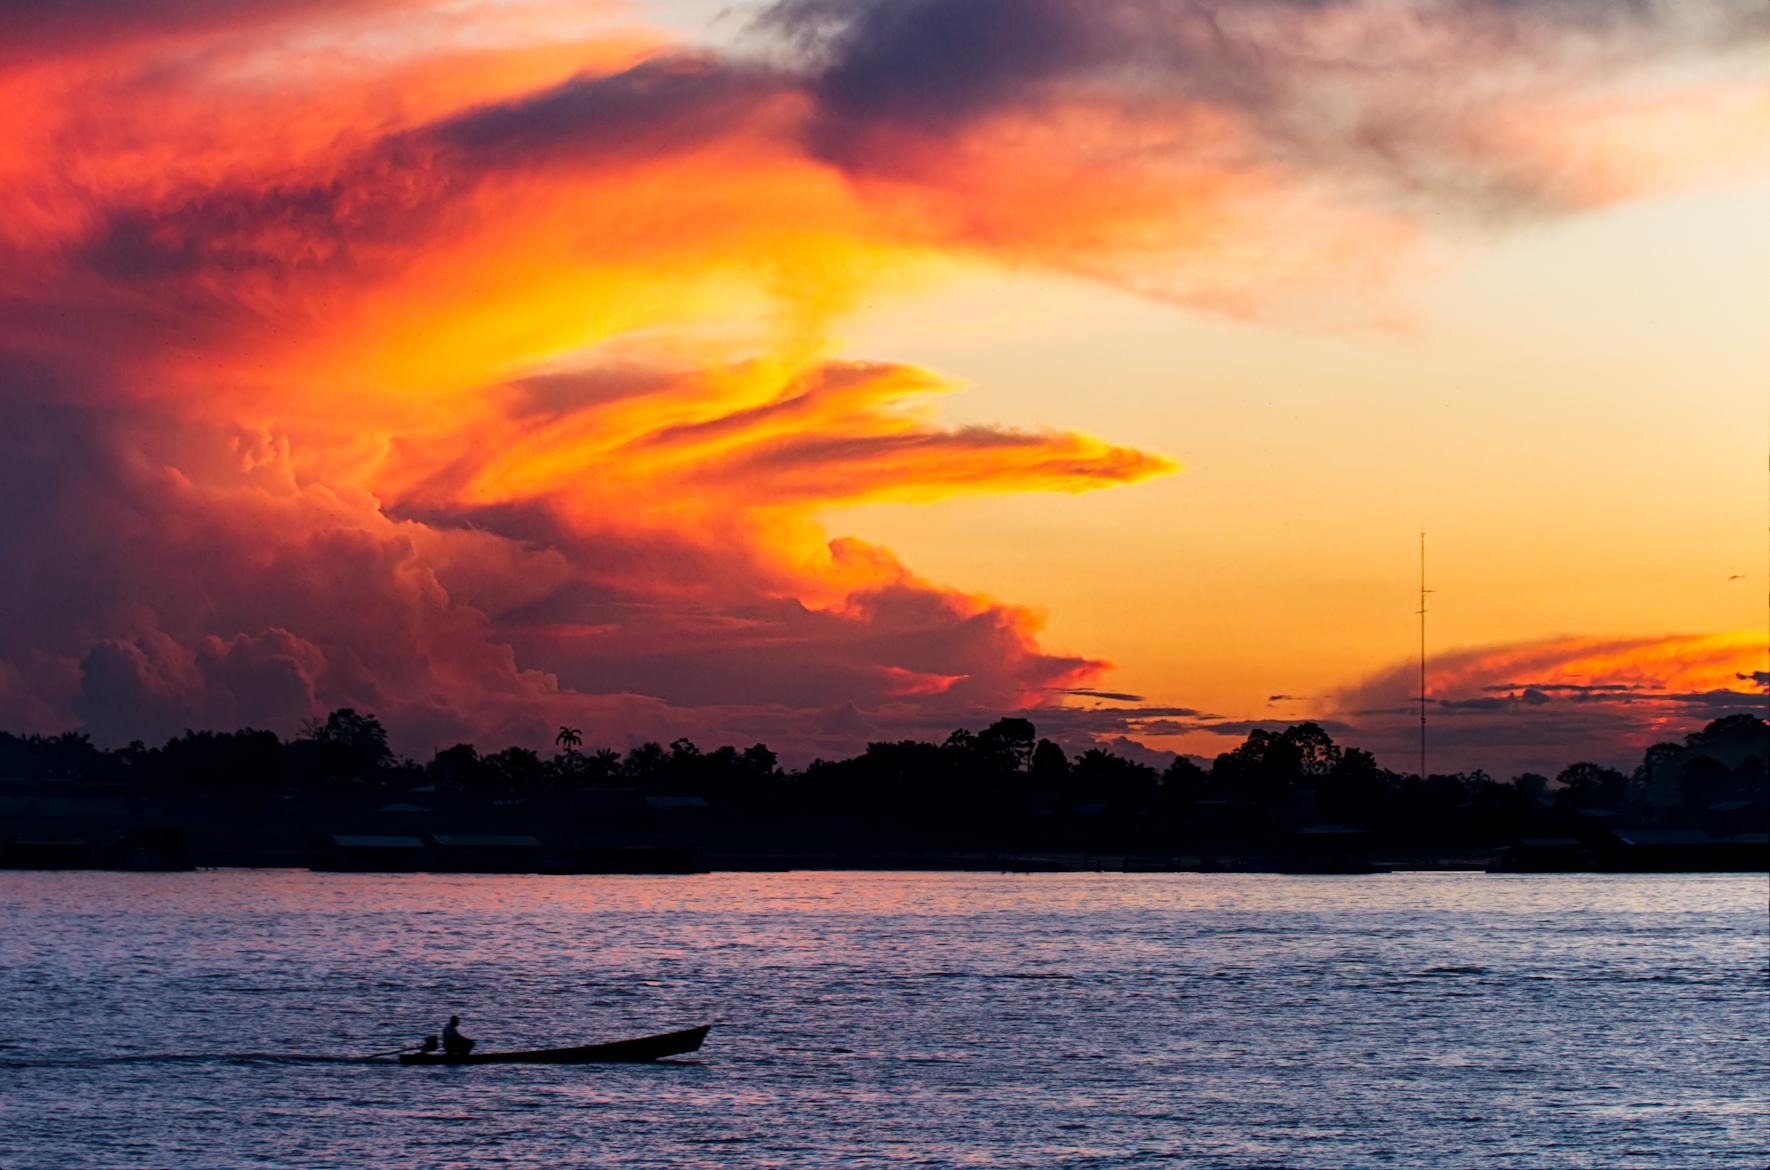 Sunset on the Amazonamagon town